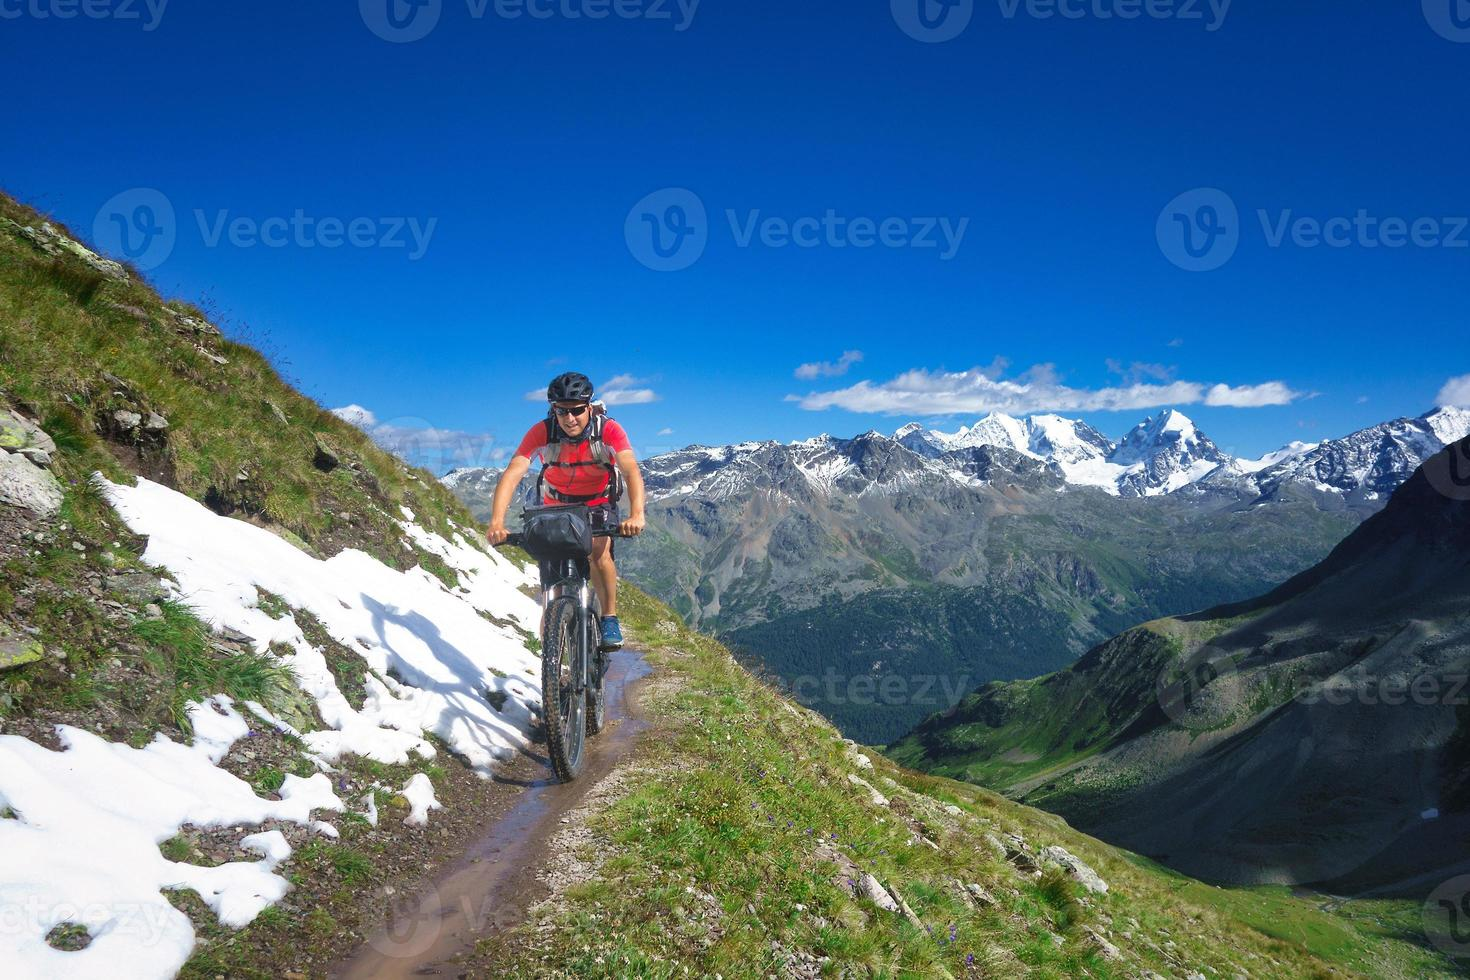 motociclista su sentiero di montagna in un bellissimo paesaggio sulle alpi foto